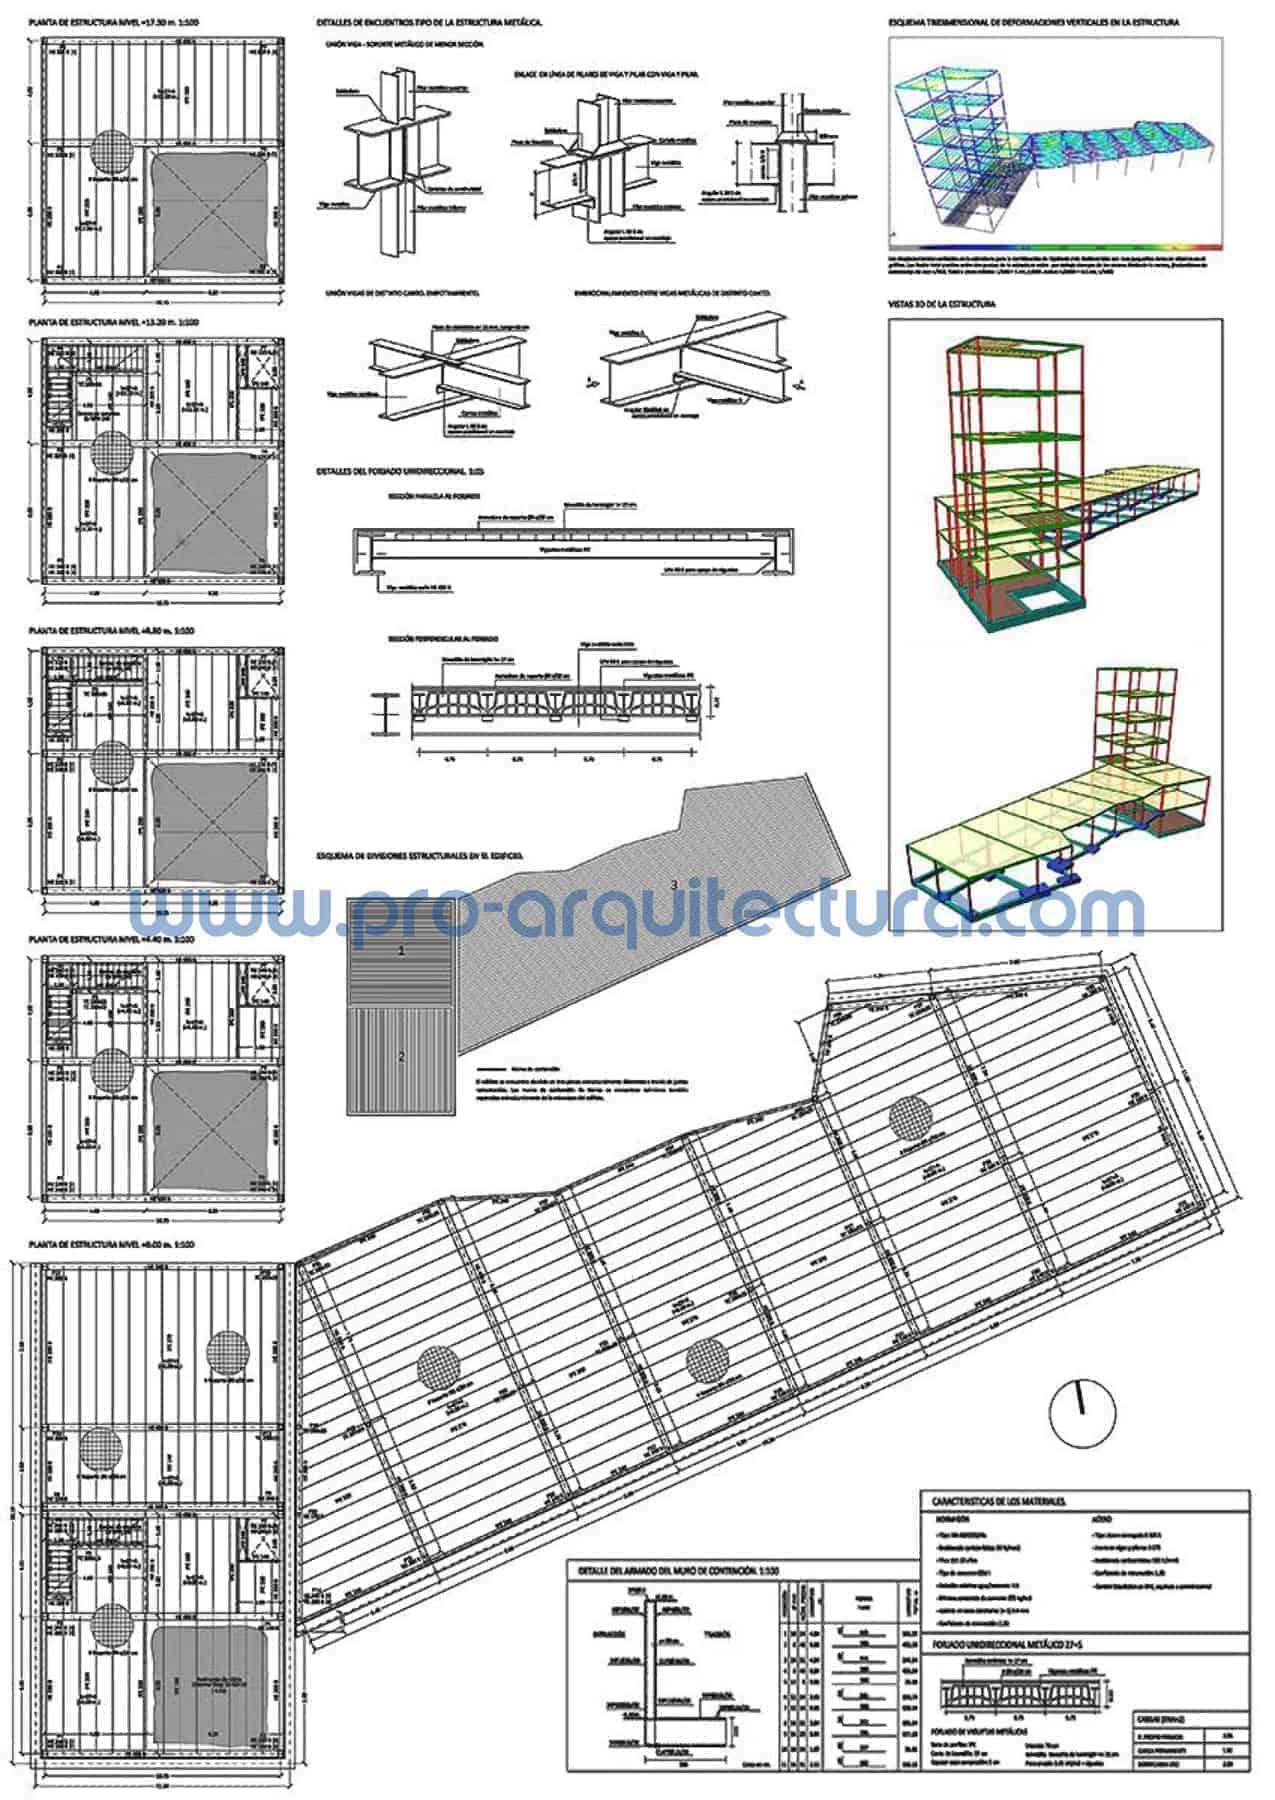 0049-04 Museo arqueológico - Planos de estructuras - Tu ayuda con la entrega de la estructura del pfc pfg tfg tfm de arquitectura.